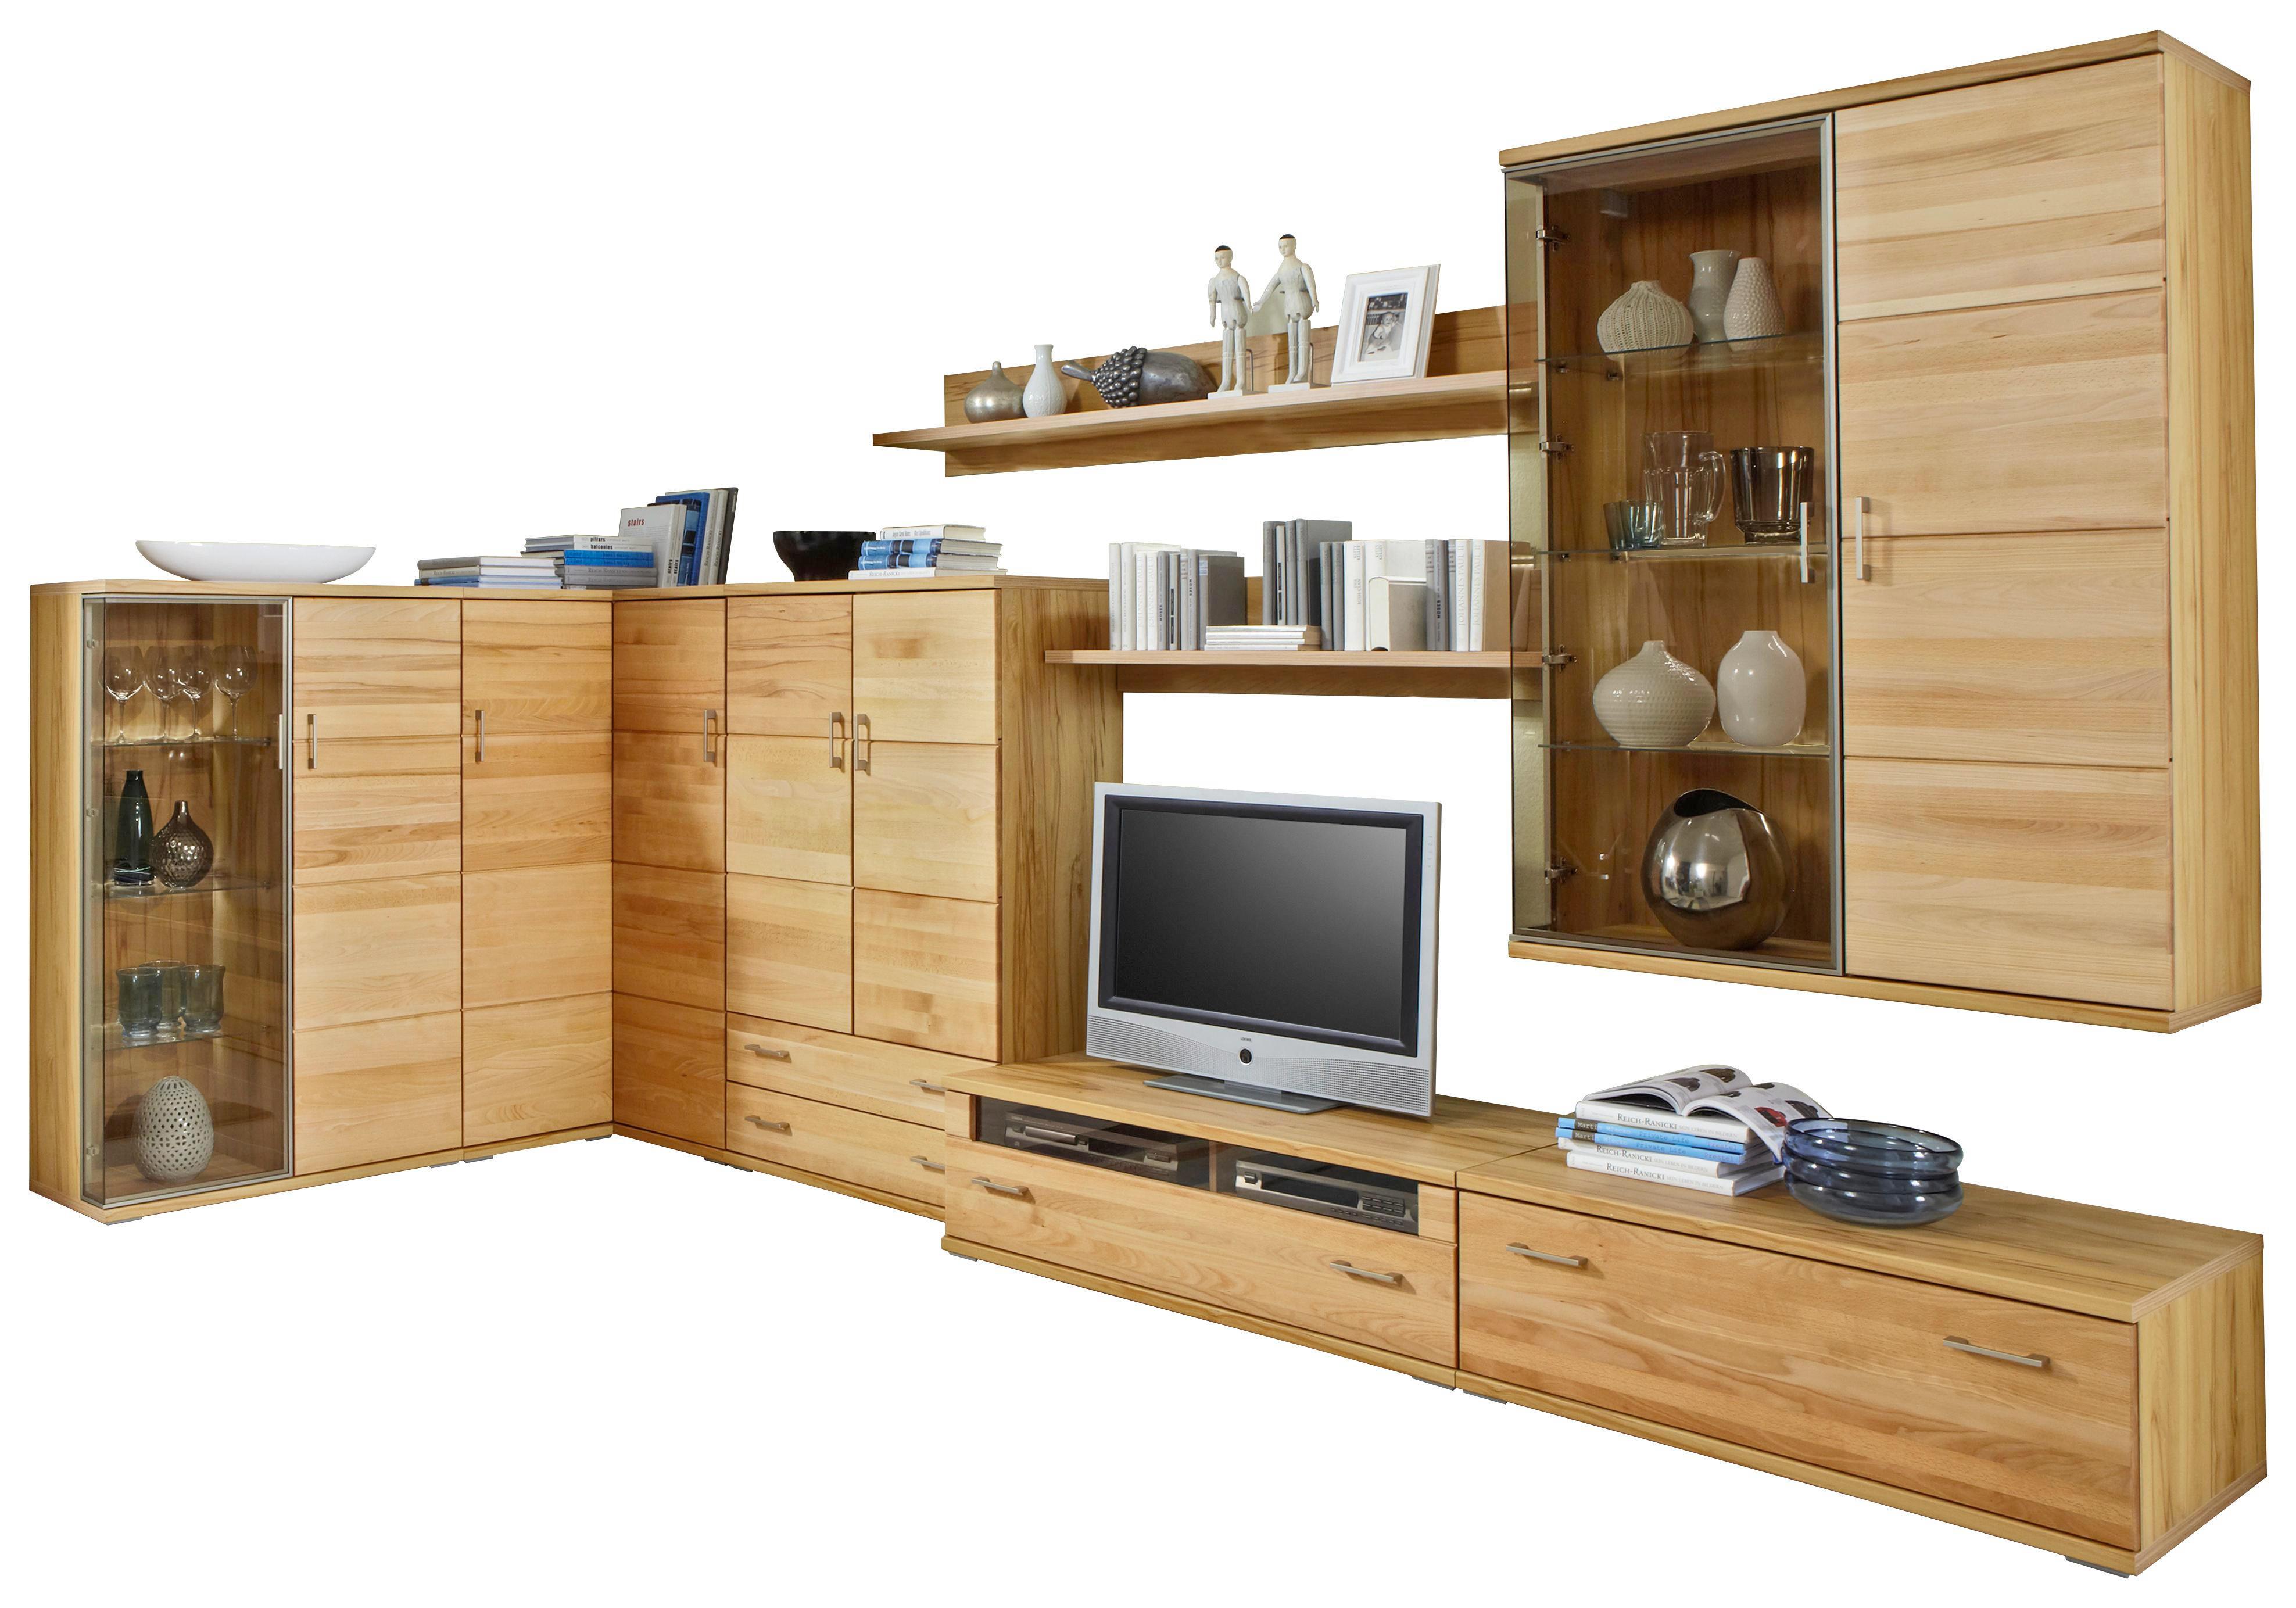 Wohnwand Cantus Set : Anbauwände wohnwände wohnzimmer kollektion cantus